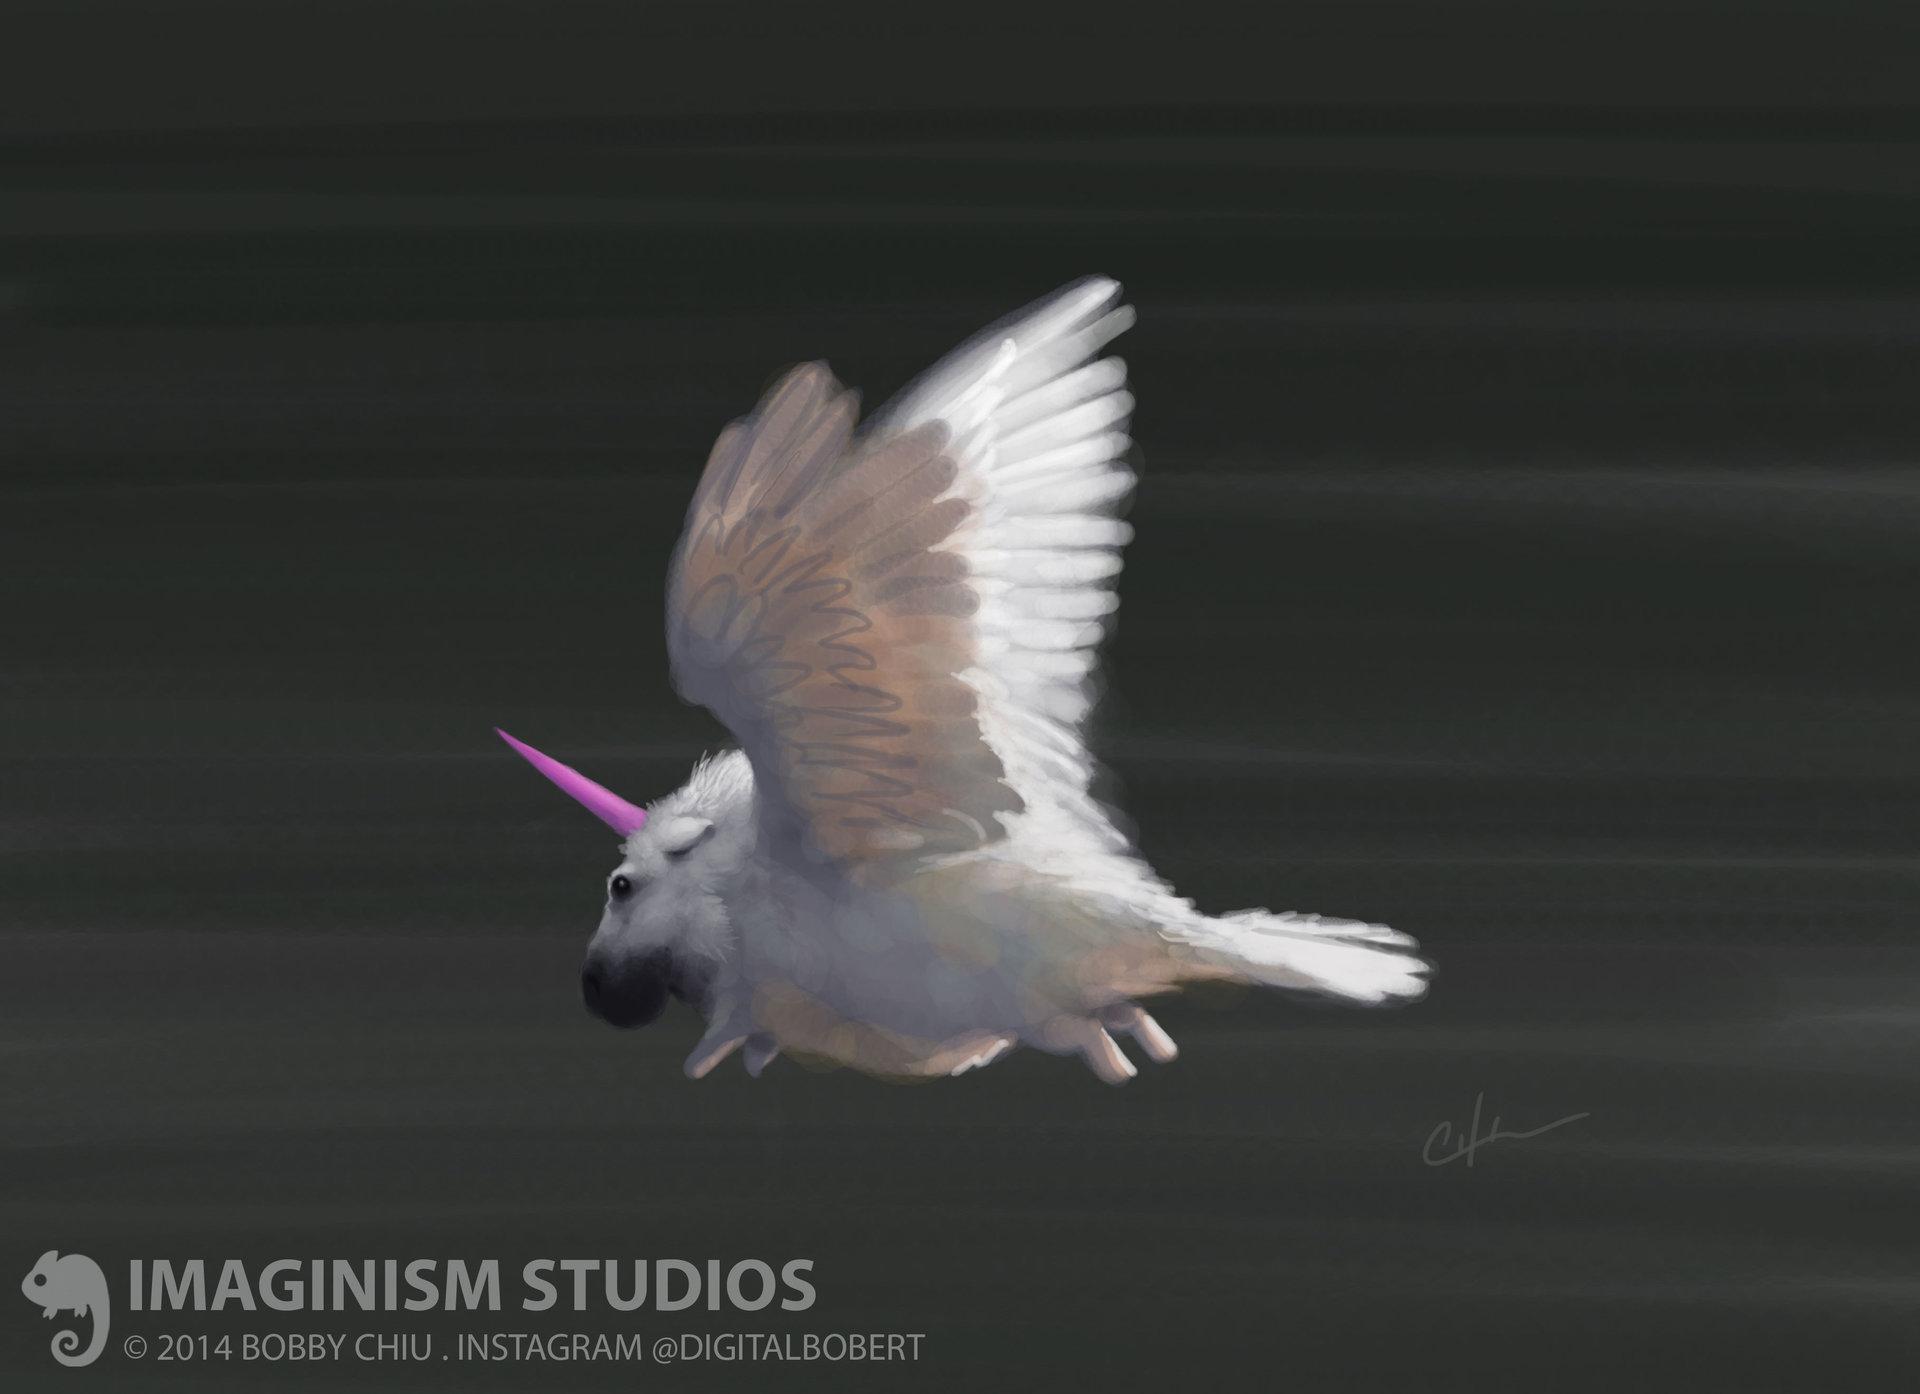 bobby-chiu-unicorn1.jpg